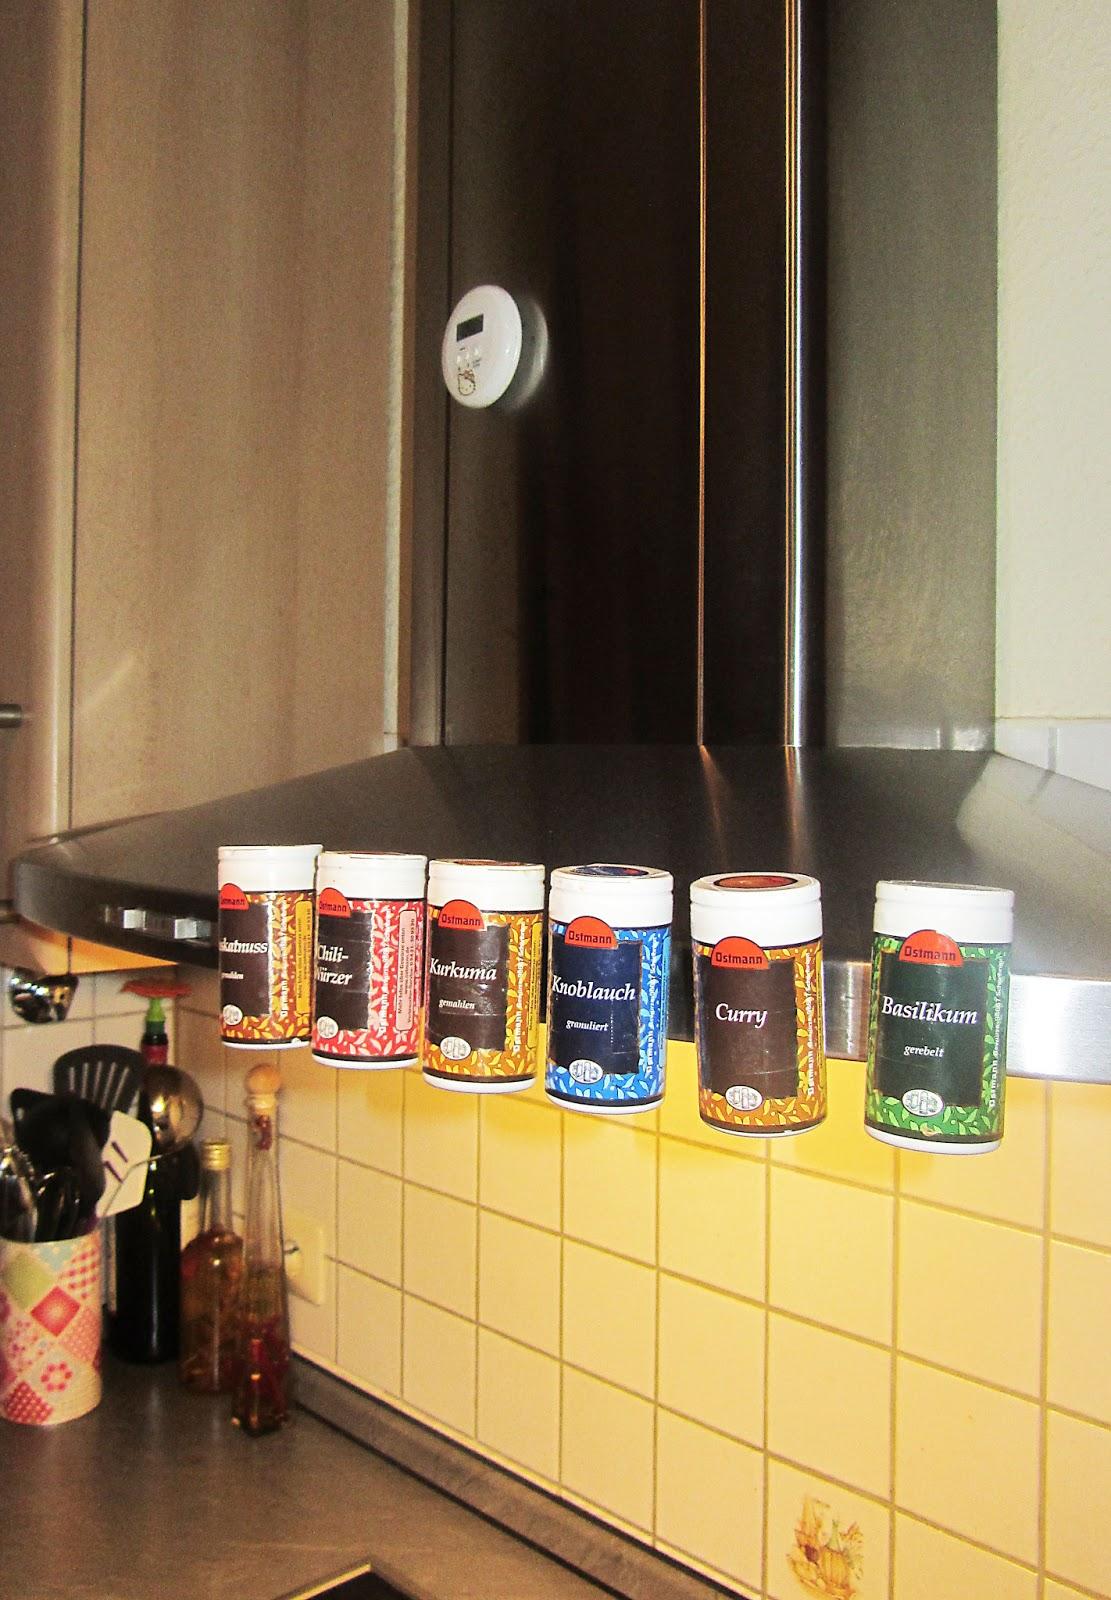 Full Size of Obst Aufbewahrung Wand Diy Kuche Wandlampe Bad Wandregal Wandtattoos Sprüche Wandbilder Schlafzimmer Wandleuchten Glaswand Dusche Küche Wandpaneel Glas Wohnzimmer Obst Aufbewahrung Wand